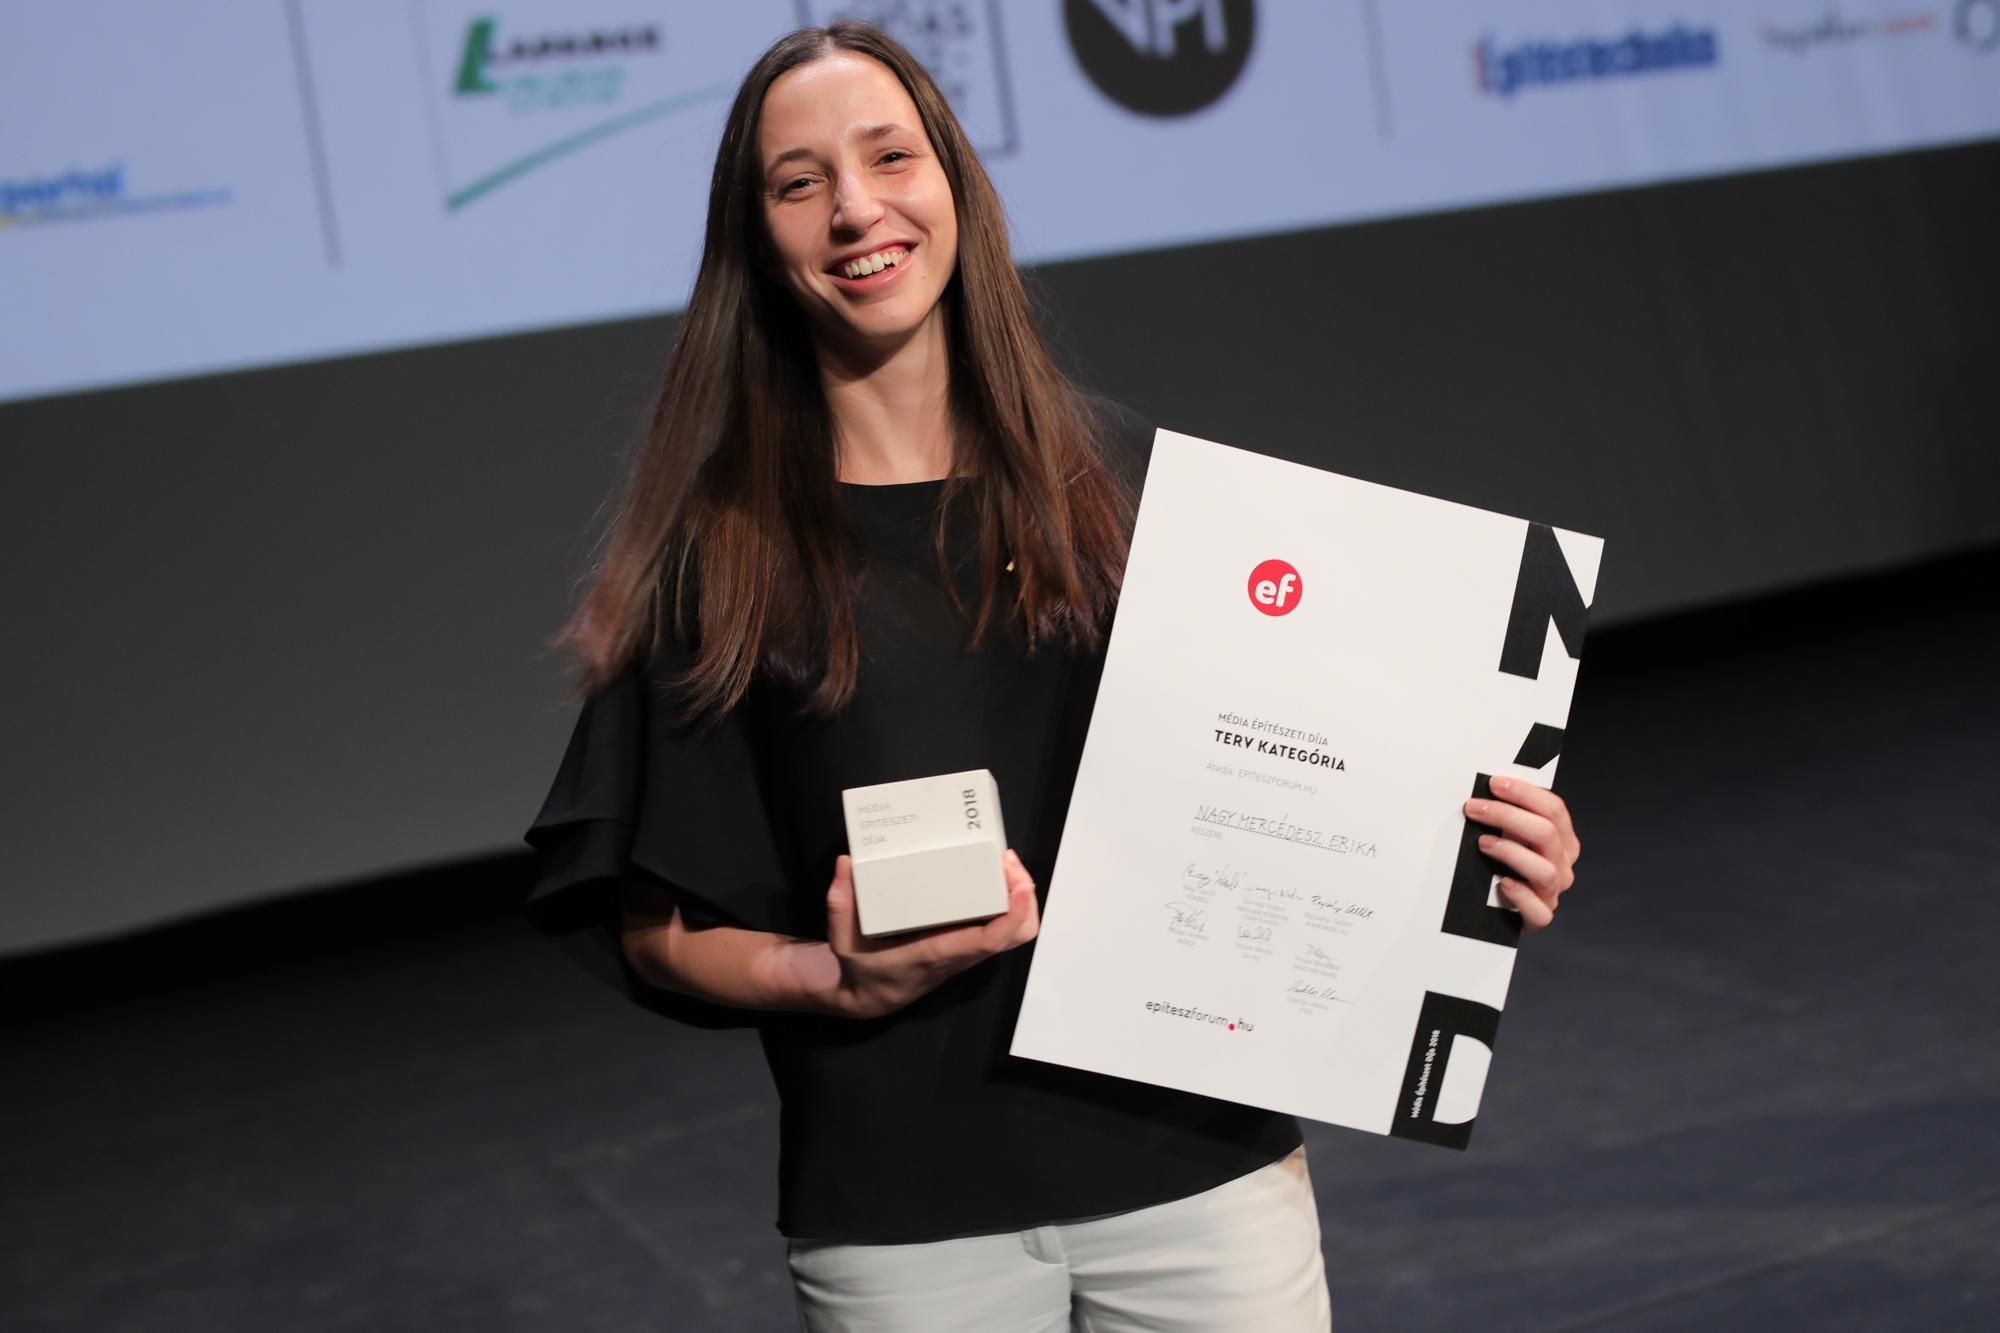 Nagy Mercédesz Erika a MÉD 2018 Terv kategória győztese